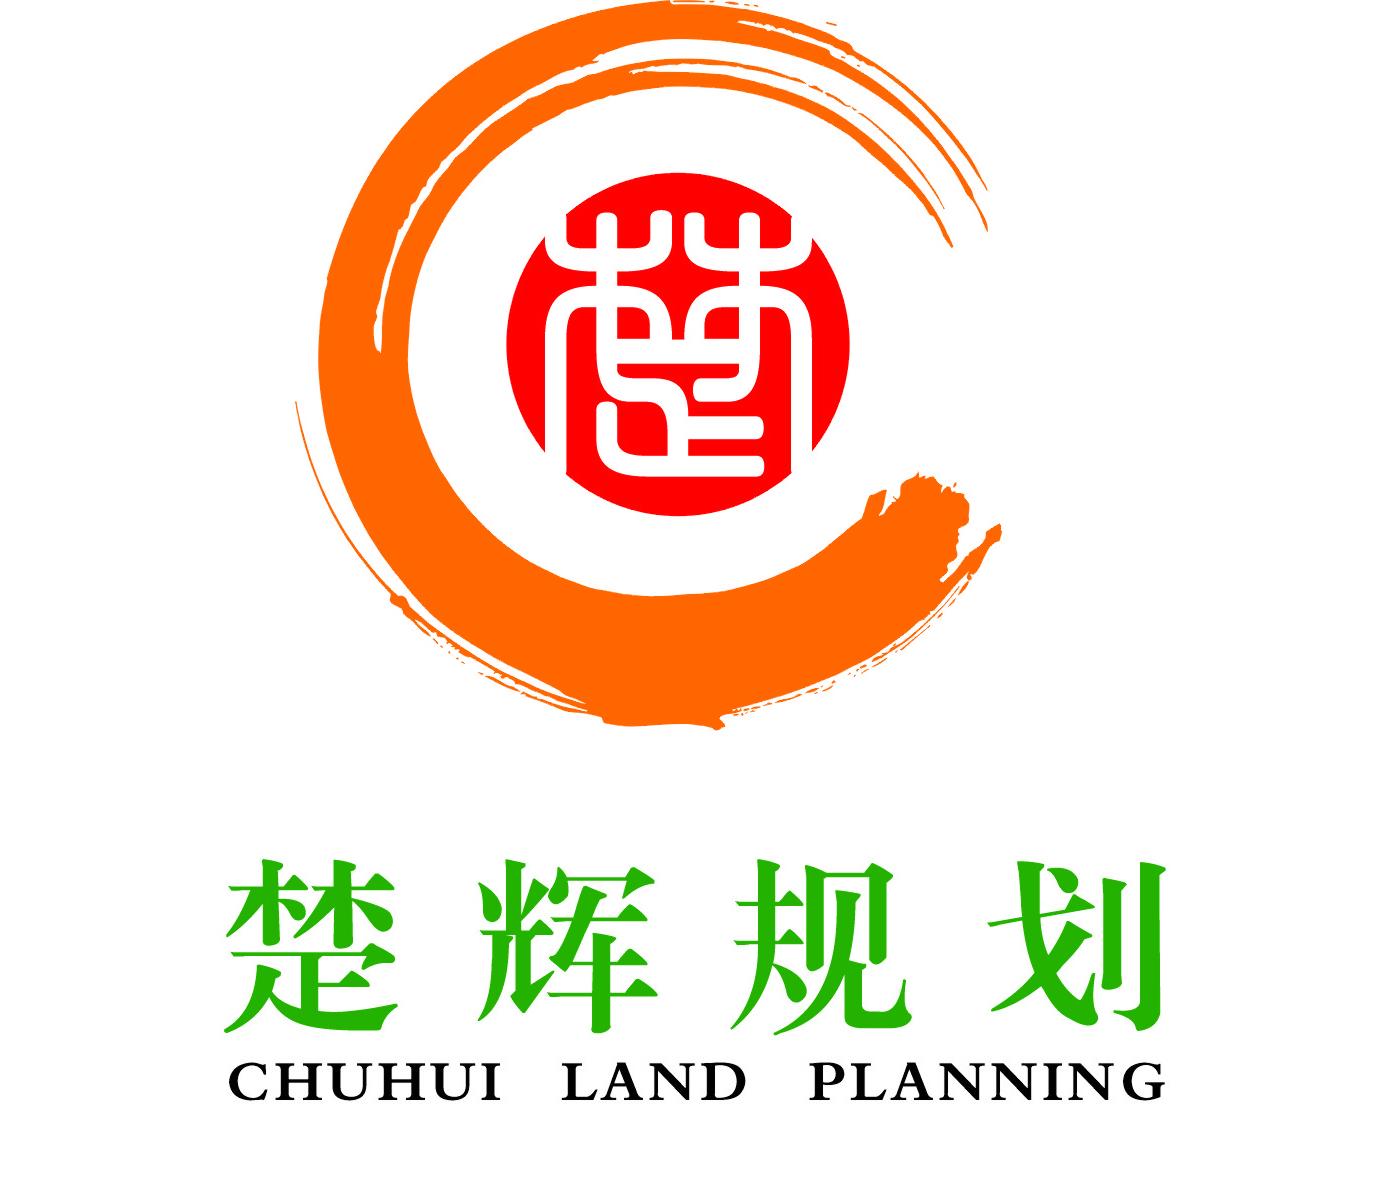 武汉楚辉土地规划设计咨询有限公司最新招聘信息